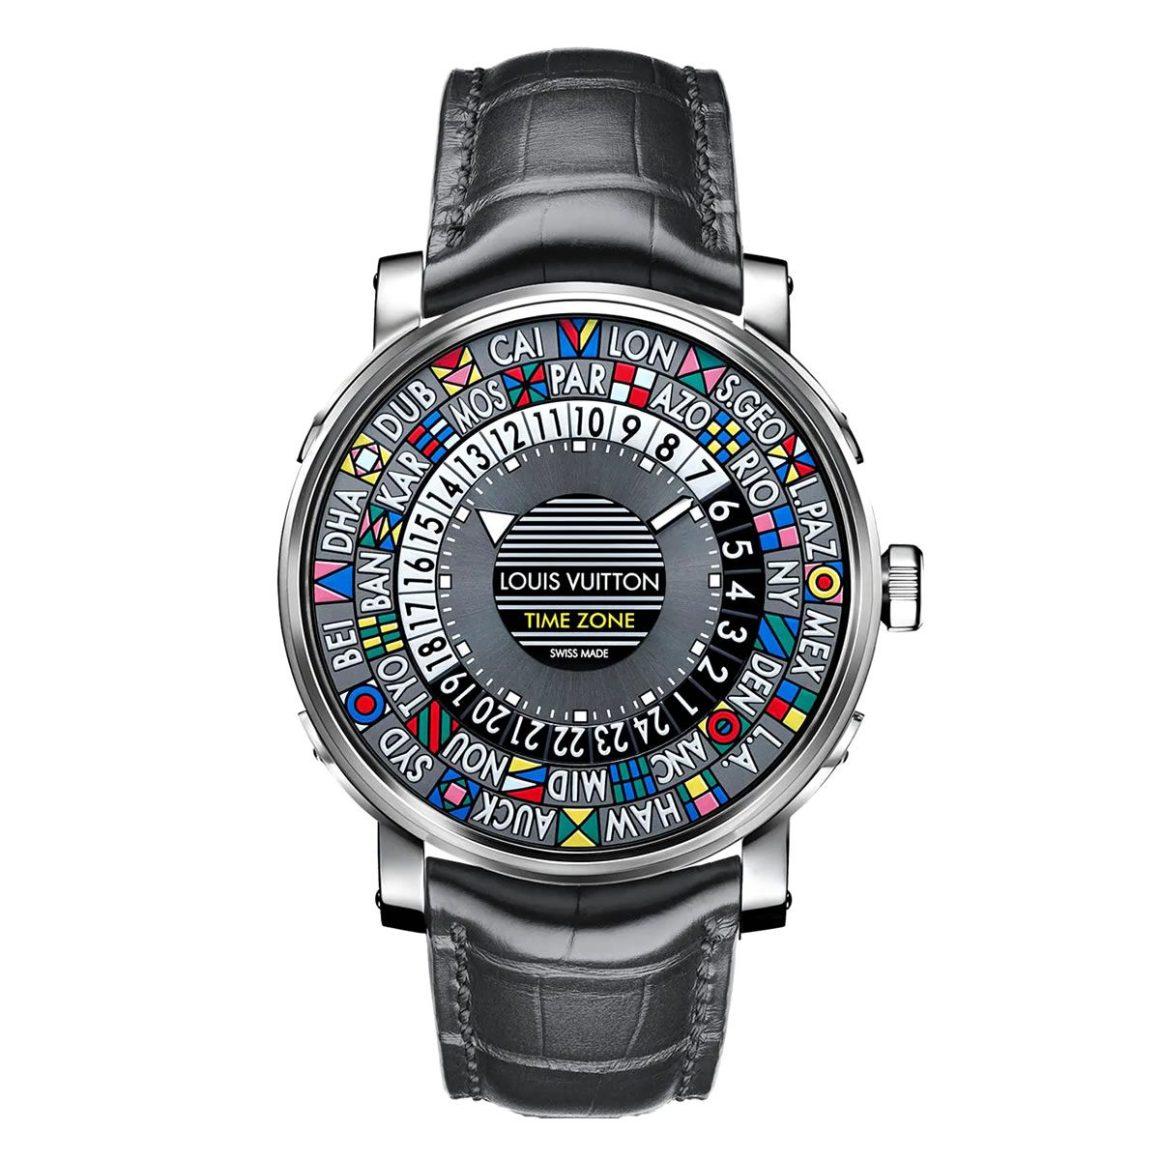 Louis Vuitton Escale Time Zone 39 Men's Fashion Watch